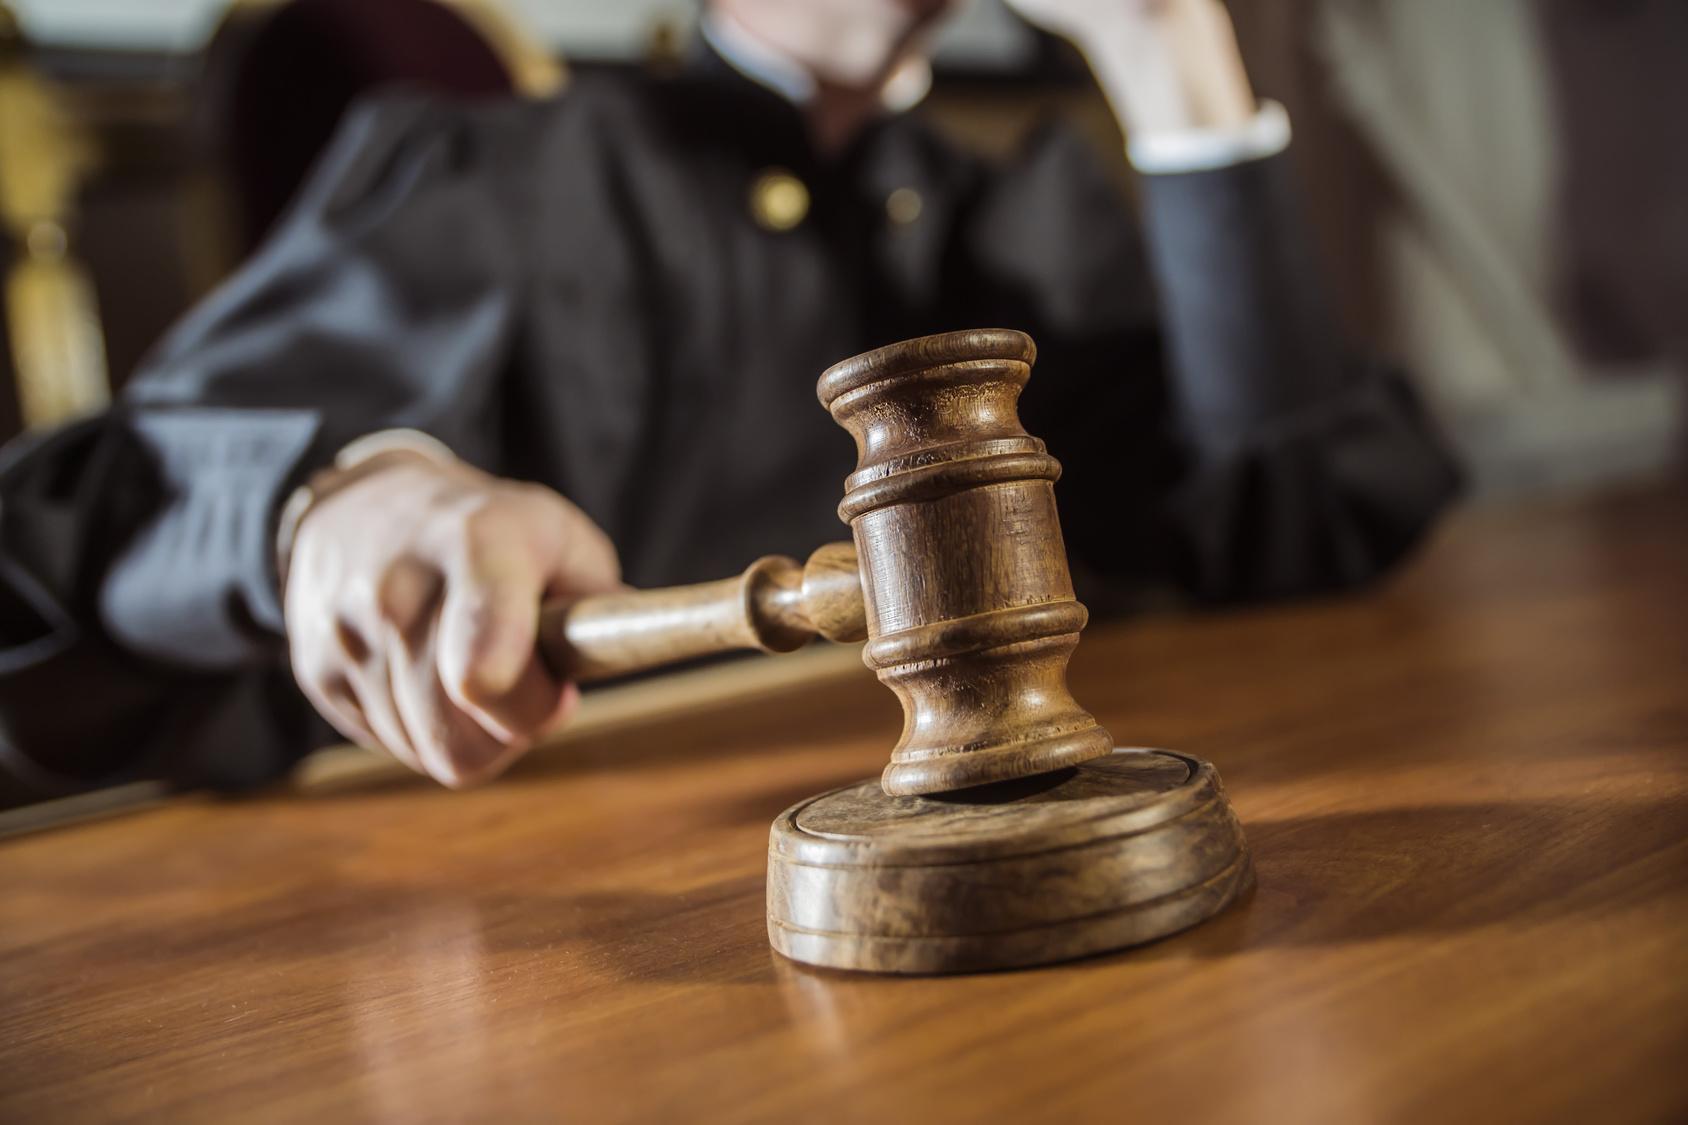 Pensamento #13 — Você qualifica para ser juiz?